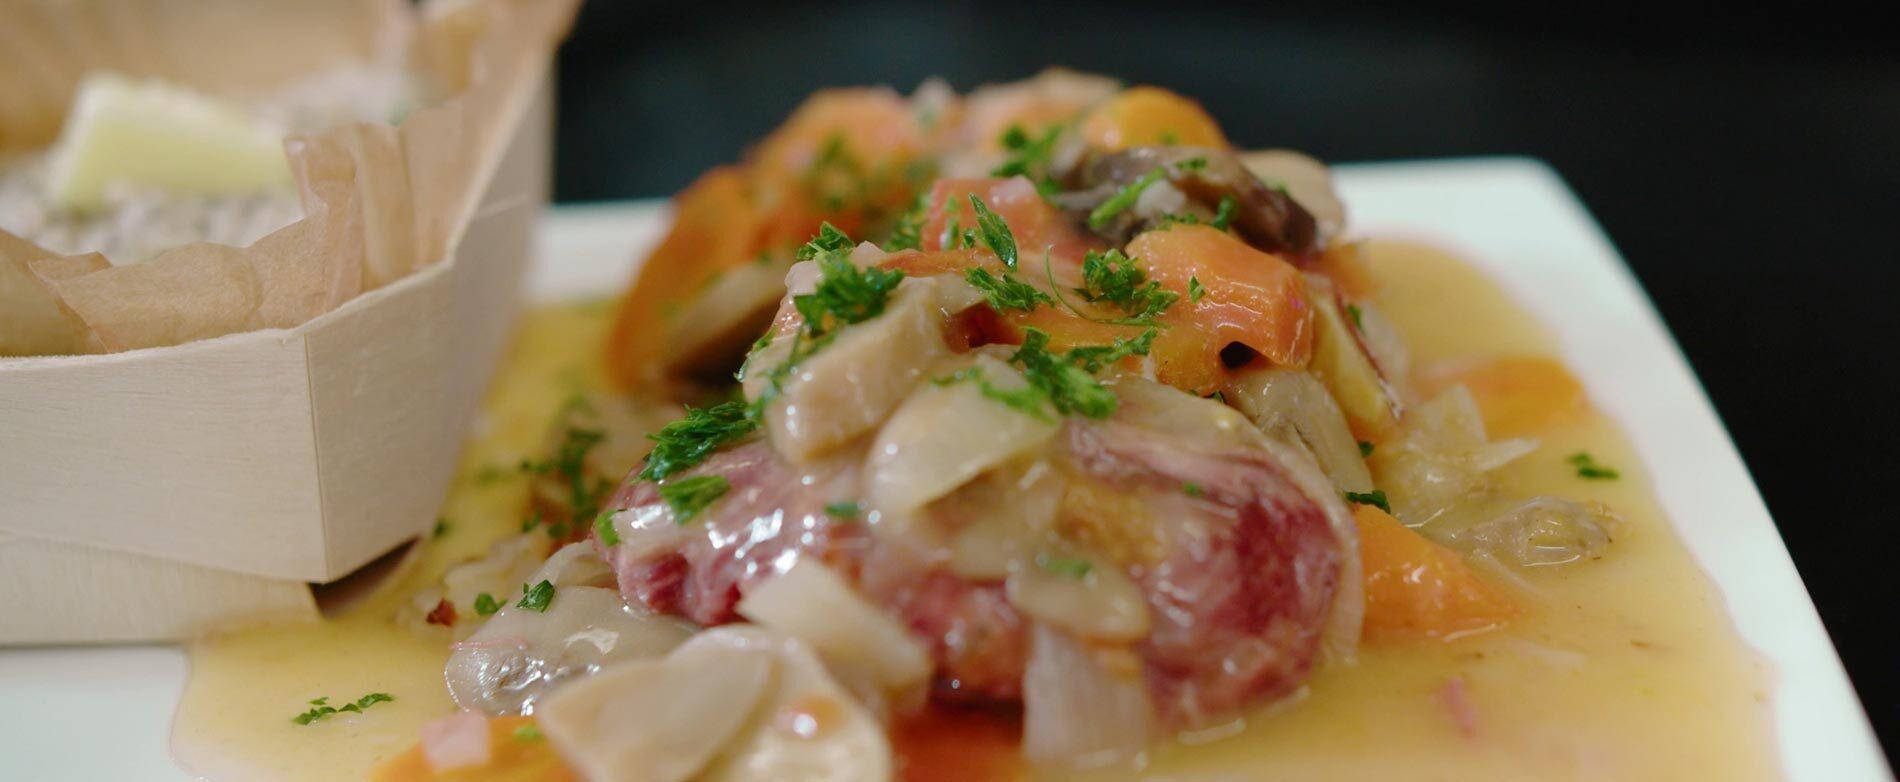 Recettes de chefs : joues de porc confites au vin blanc